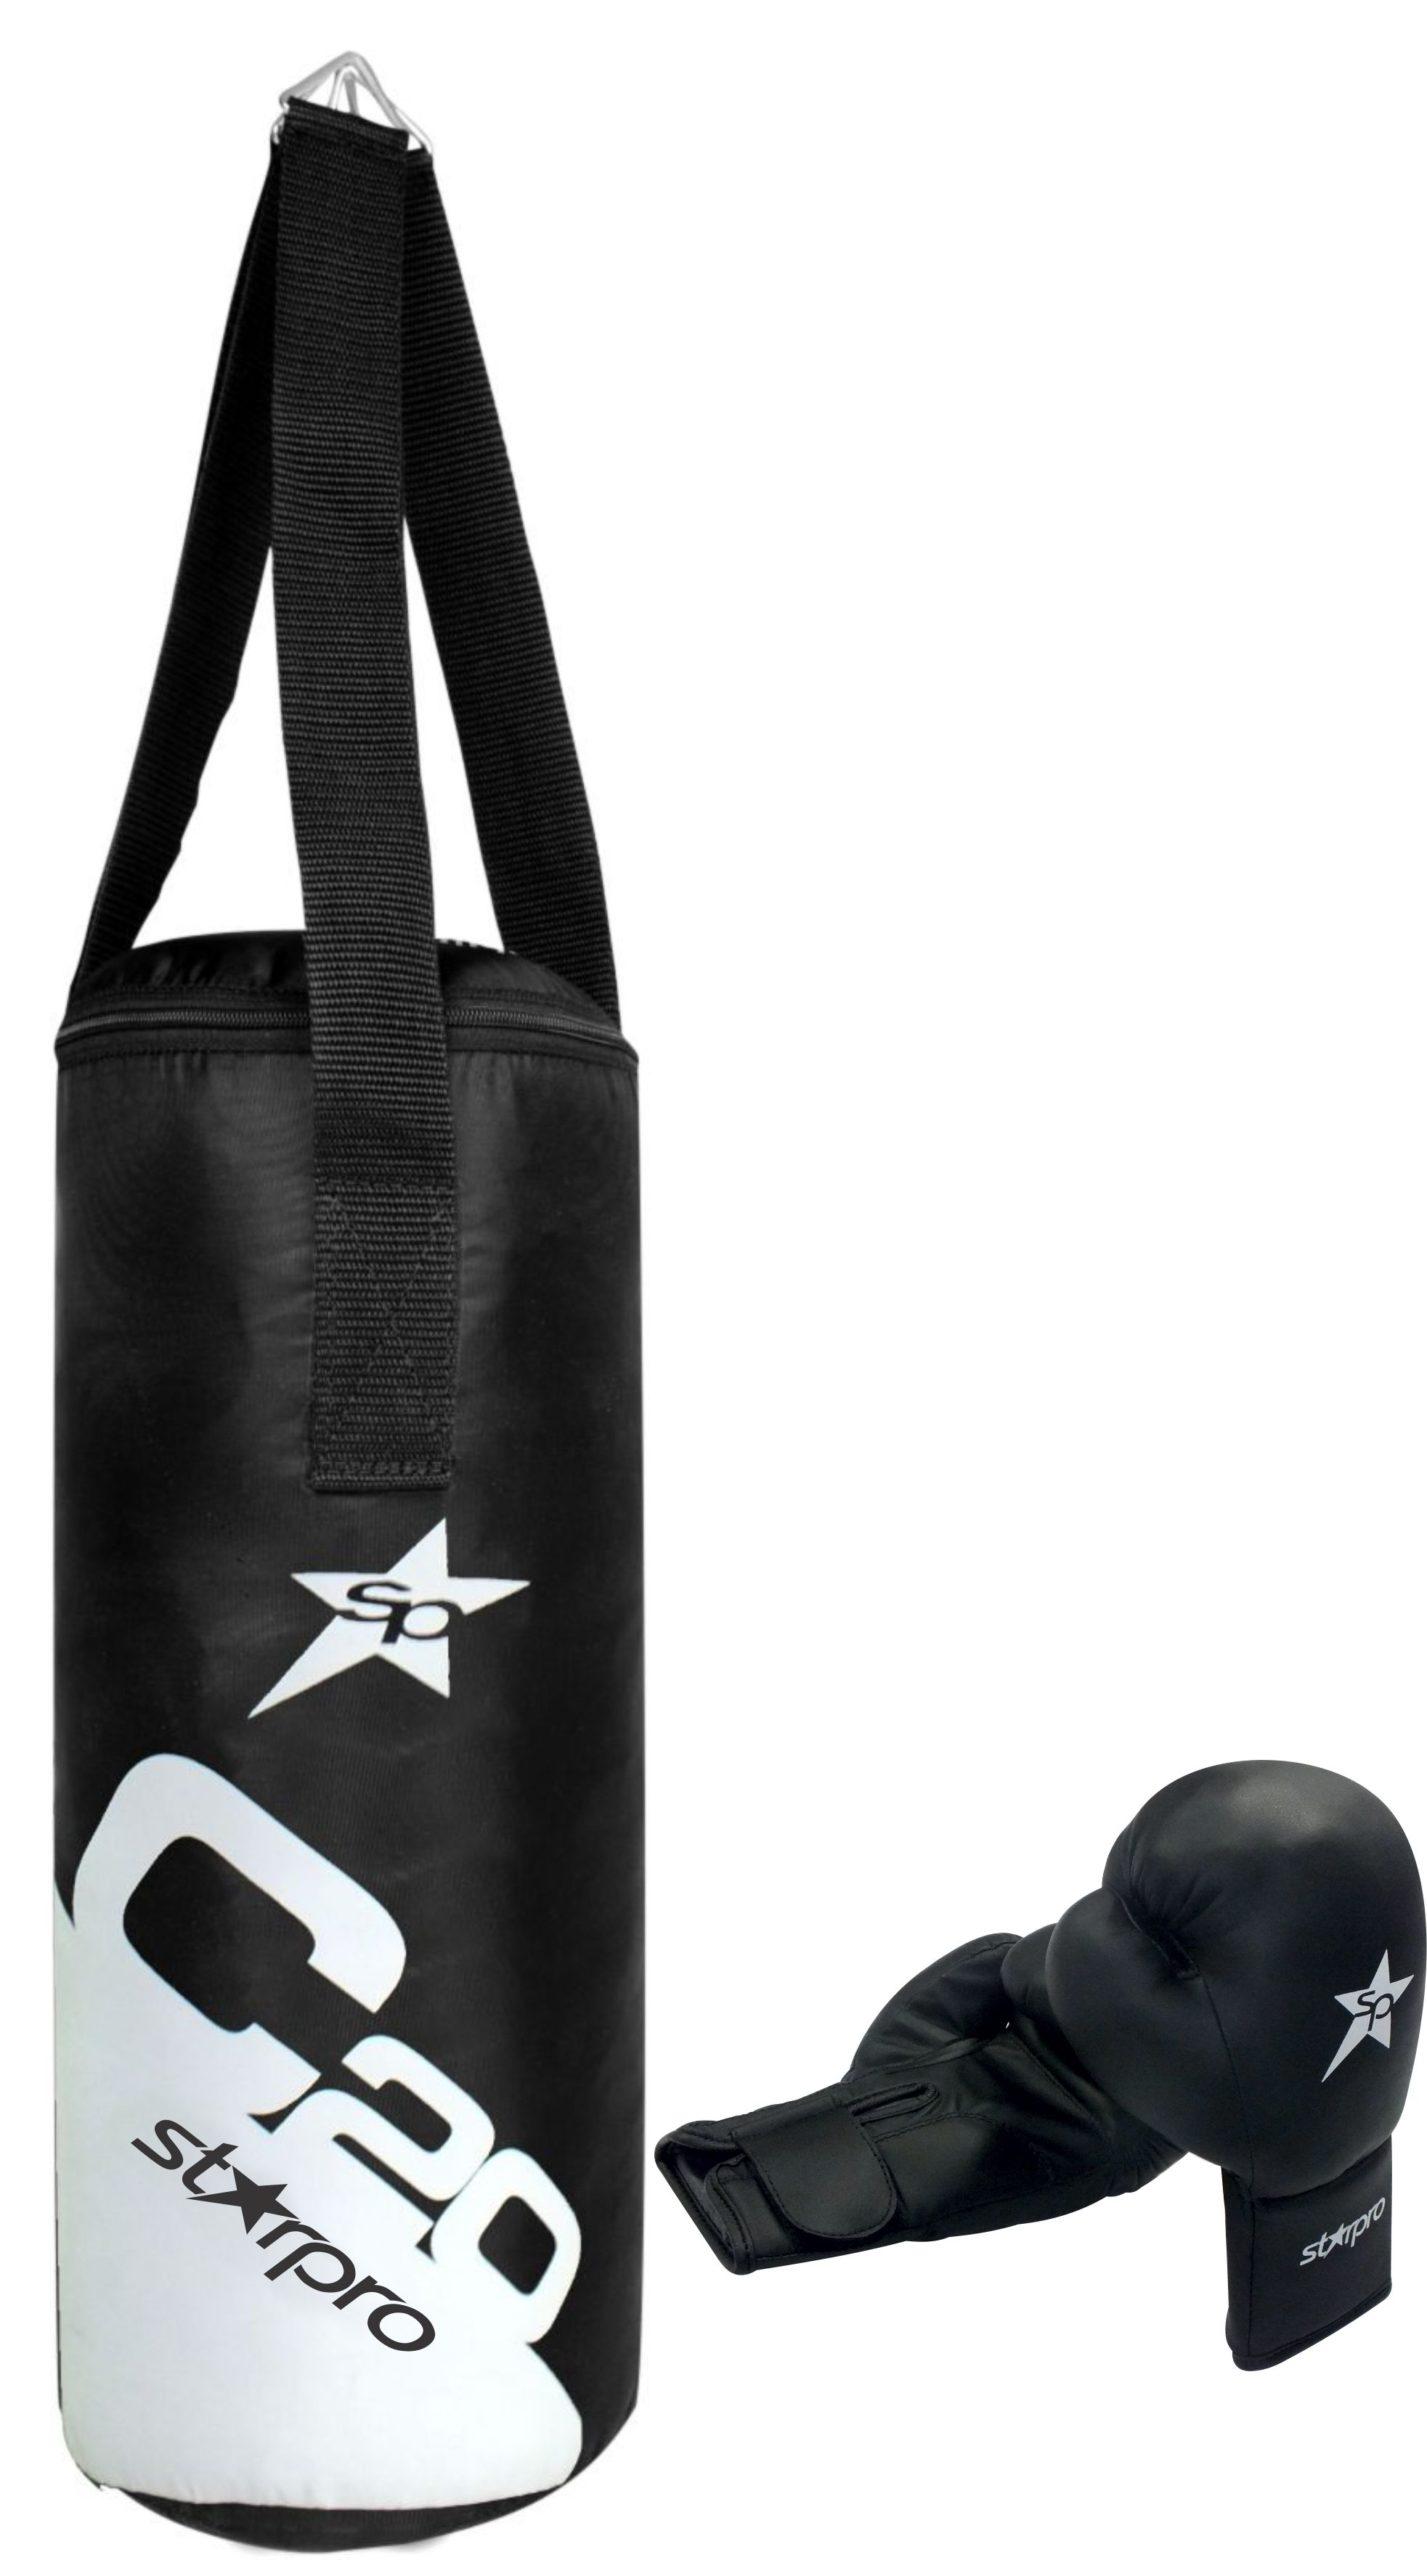 Starpro Kids Boxing Set